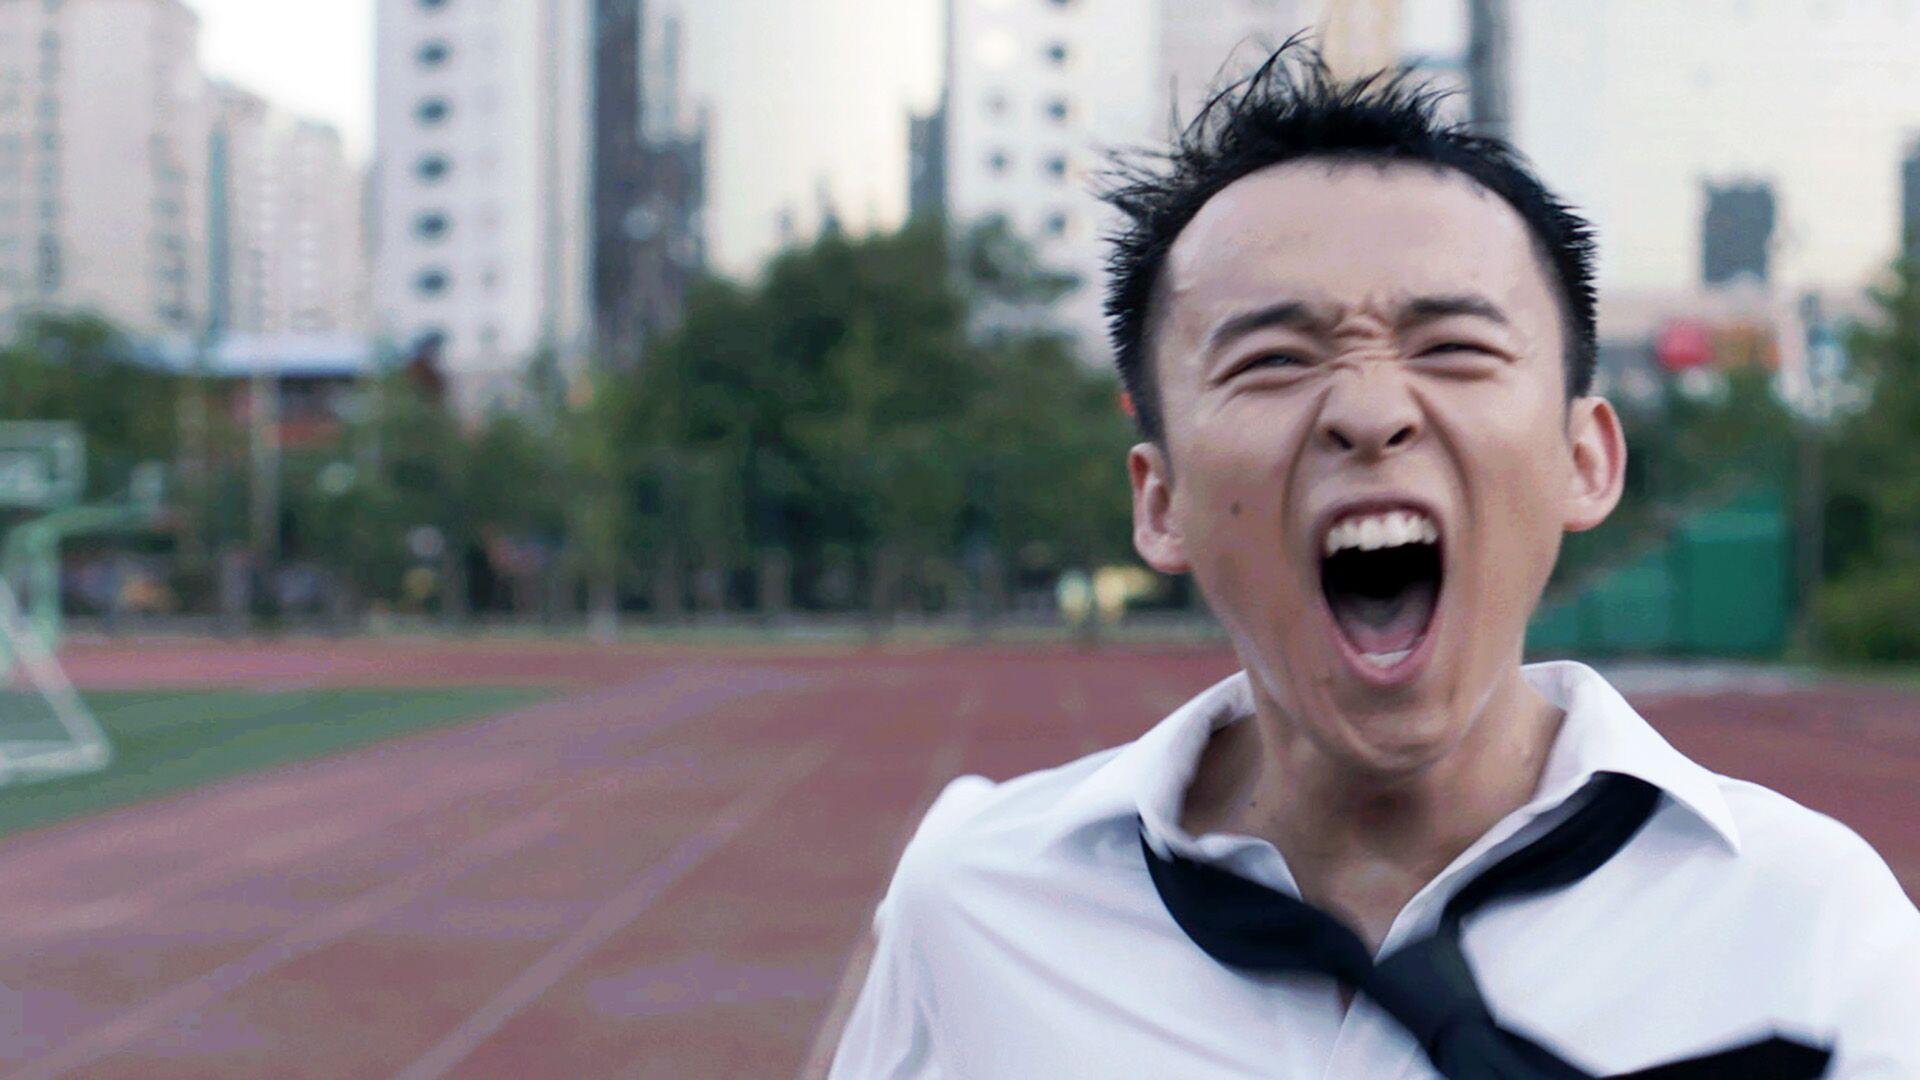 中国人前半生最难的一关。高考,初恋,热血,青春。《青春派》